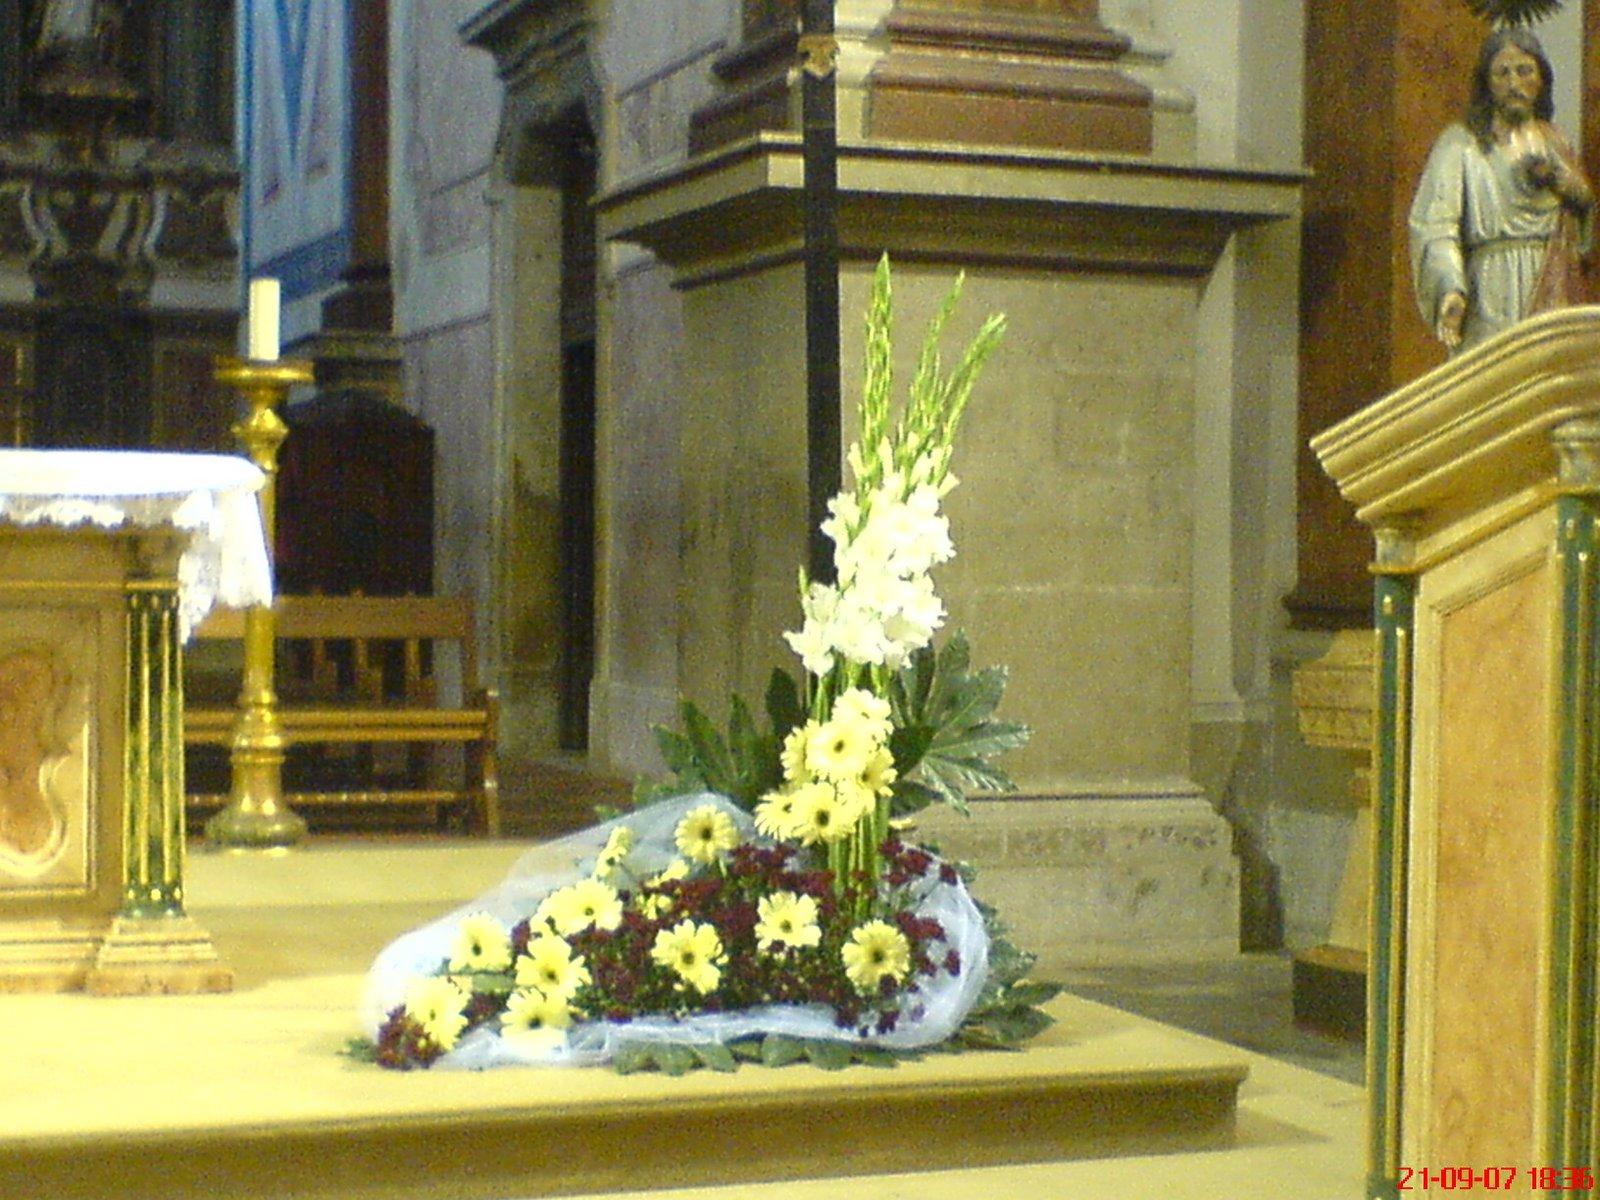 Fotos De Arranjos De Flores Para Igreja - Arranjo floral passo a passo BBel :: Tudo sobre decoração